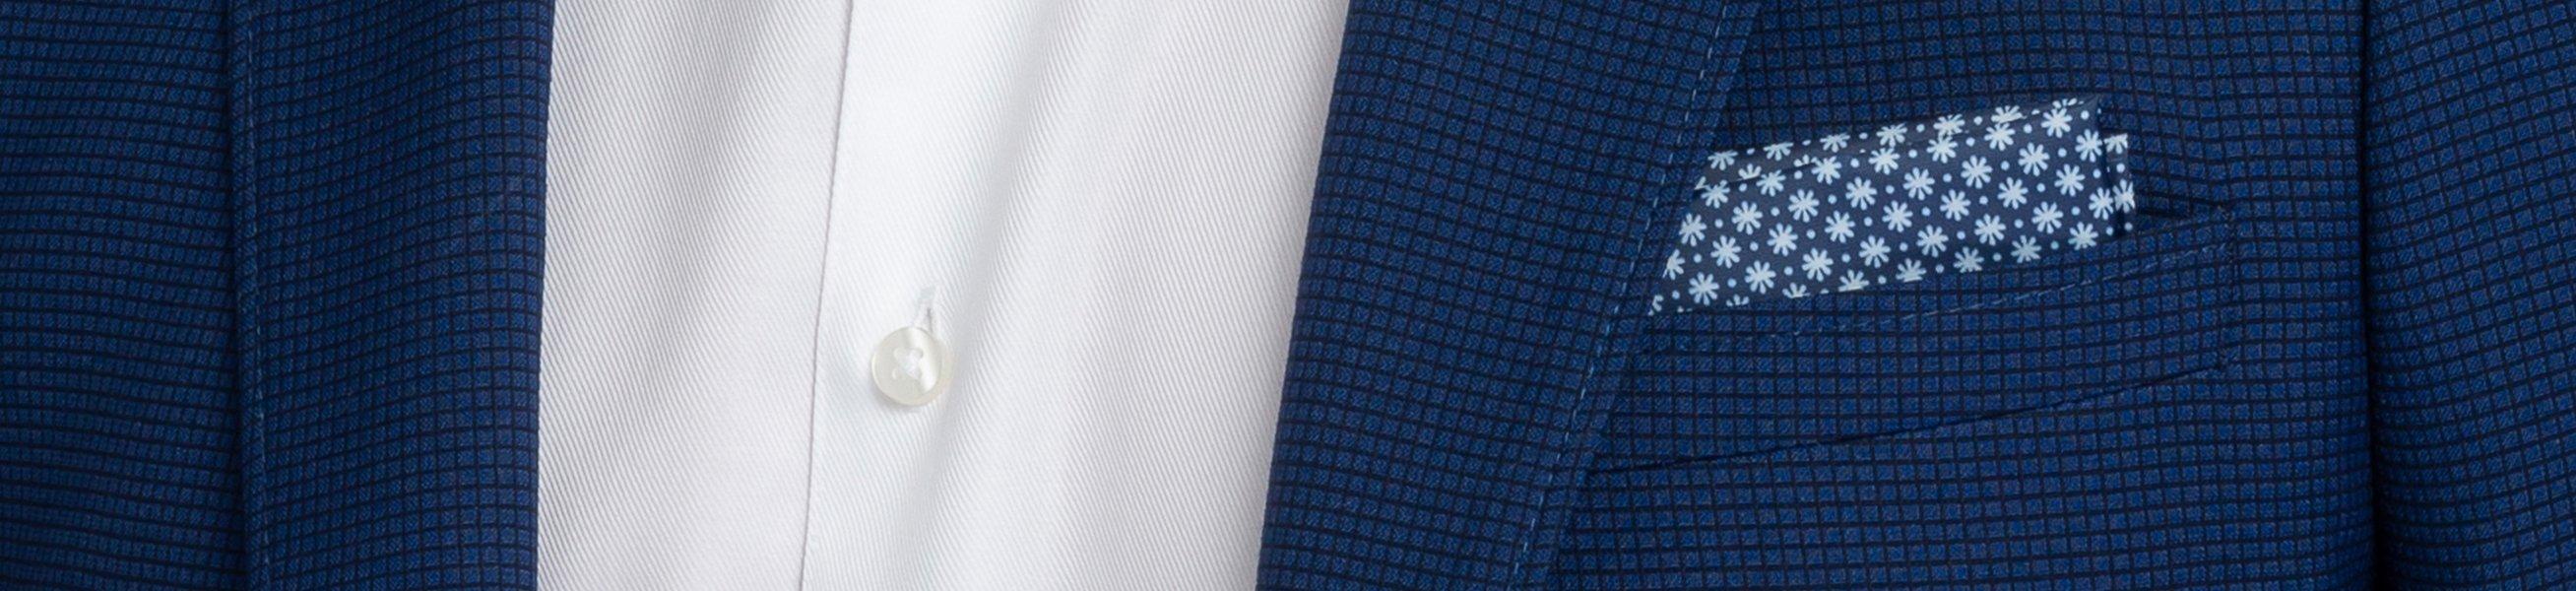 Einstecktücher Herrenkollektion online erhältlich bei Suitable ✔ Erhältlich in vielen Farben & Varianten✔ Schnelle Lieferung ✔ Trusted Shops 4.8/5 (+1000 Bewertungen)